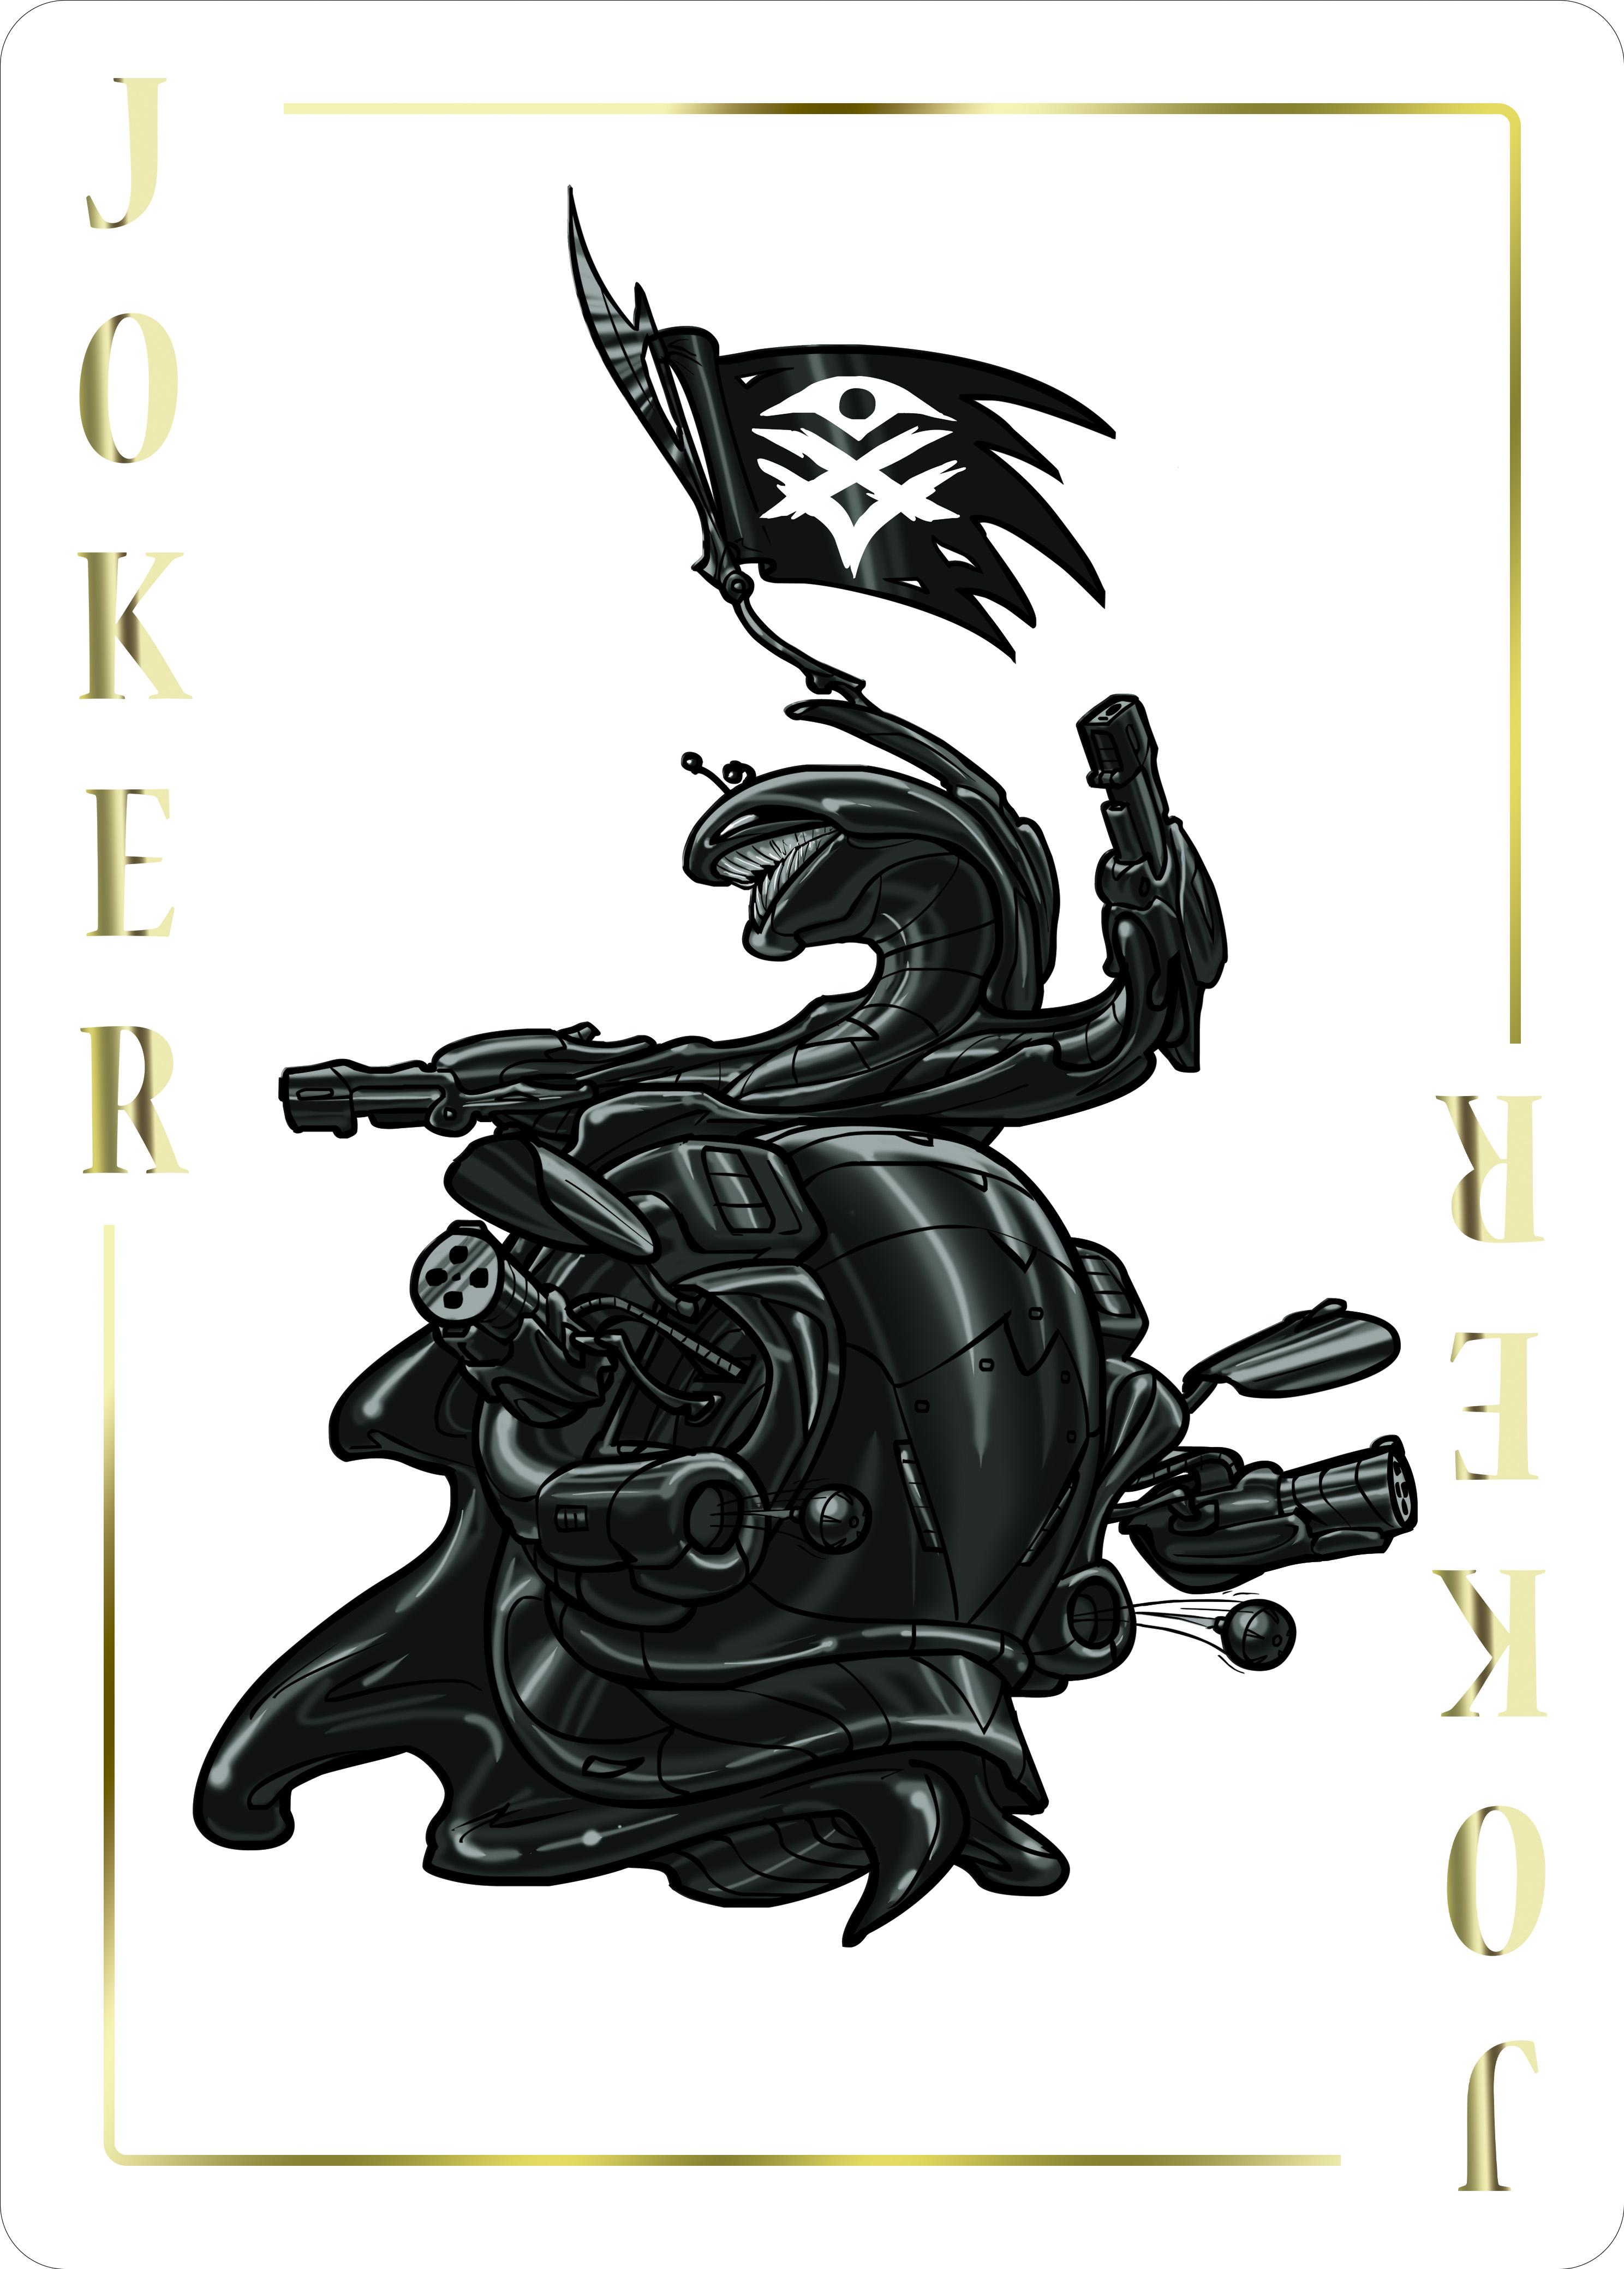 joker+.jpg